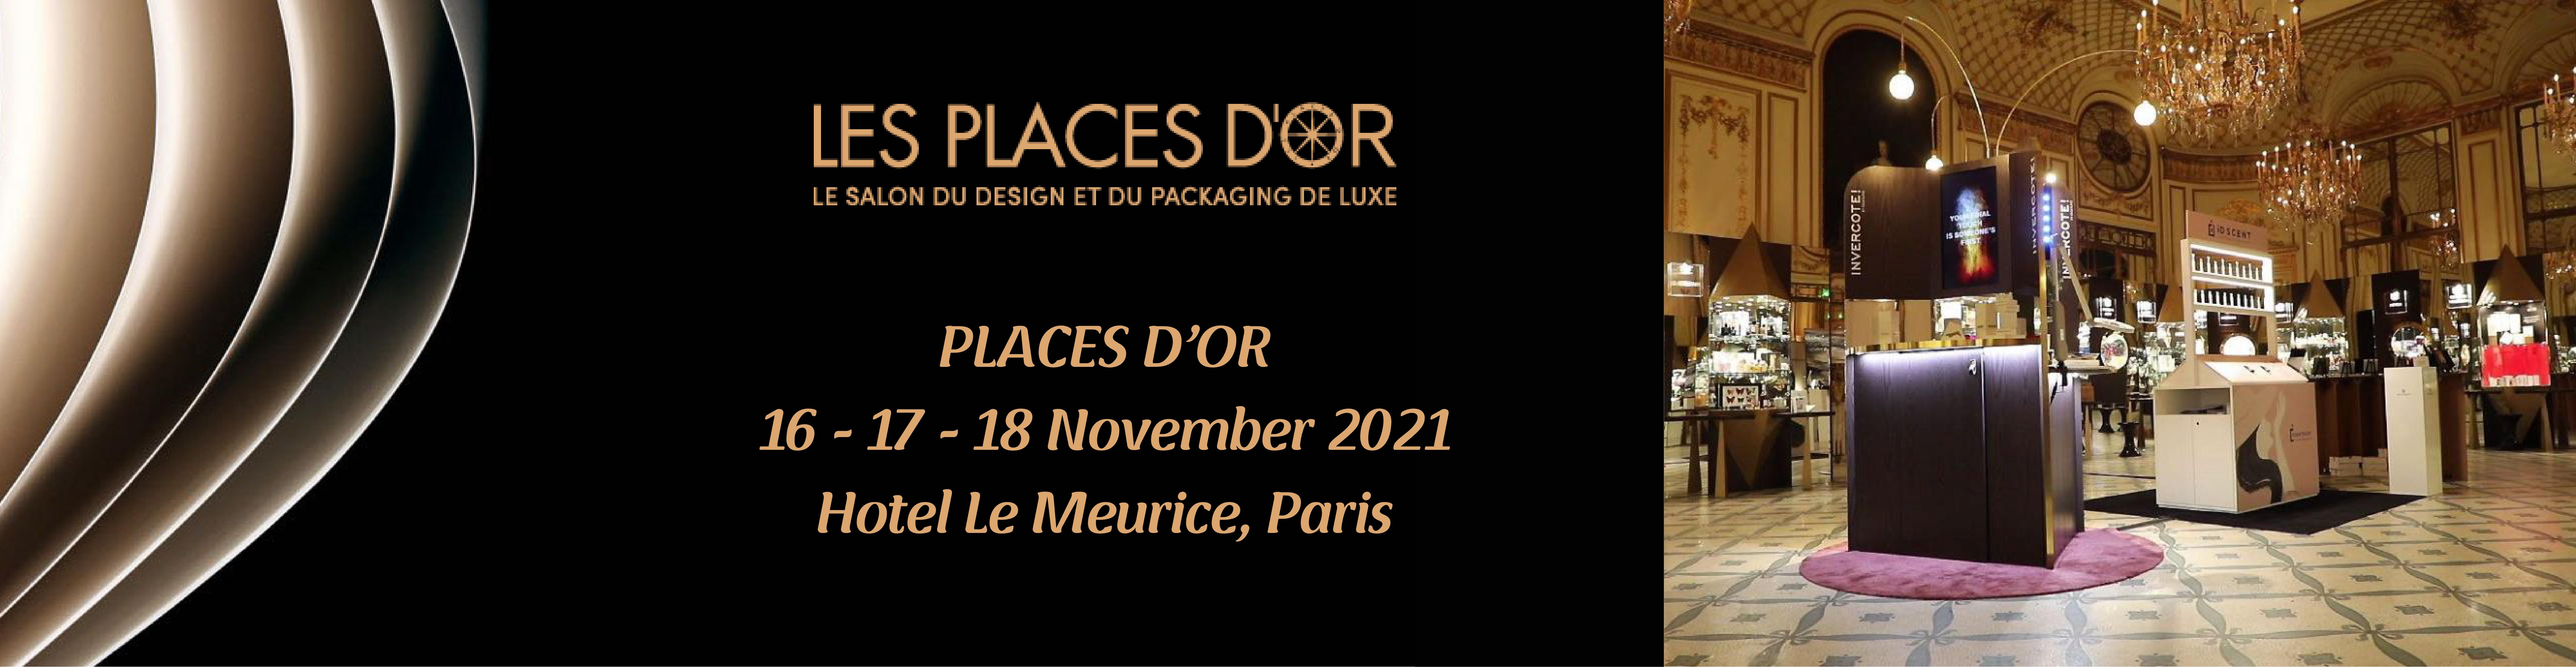 Les places d'or Paris 2021